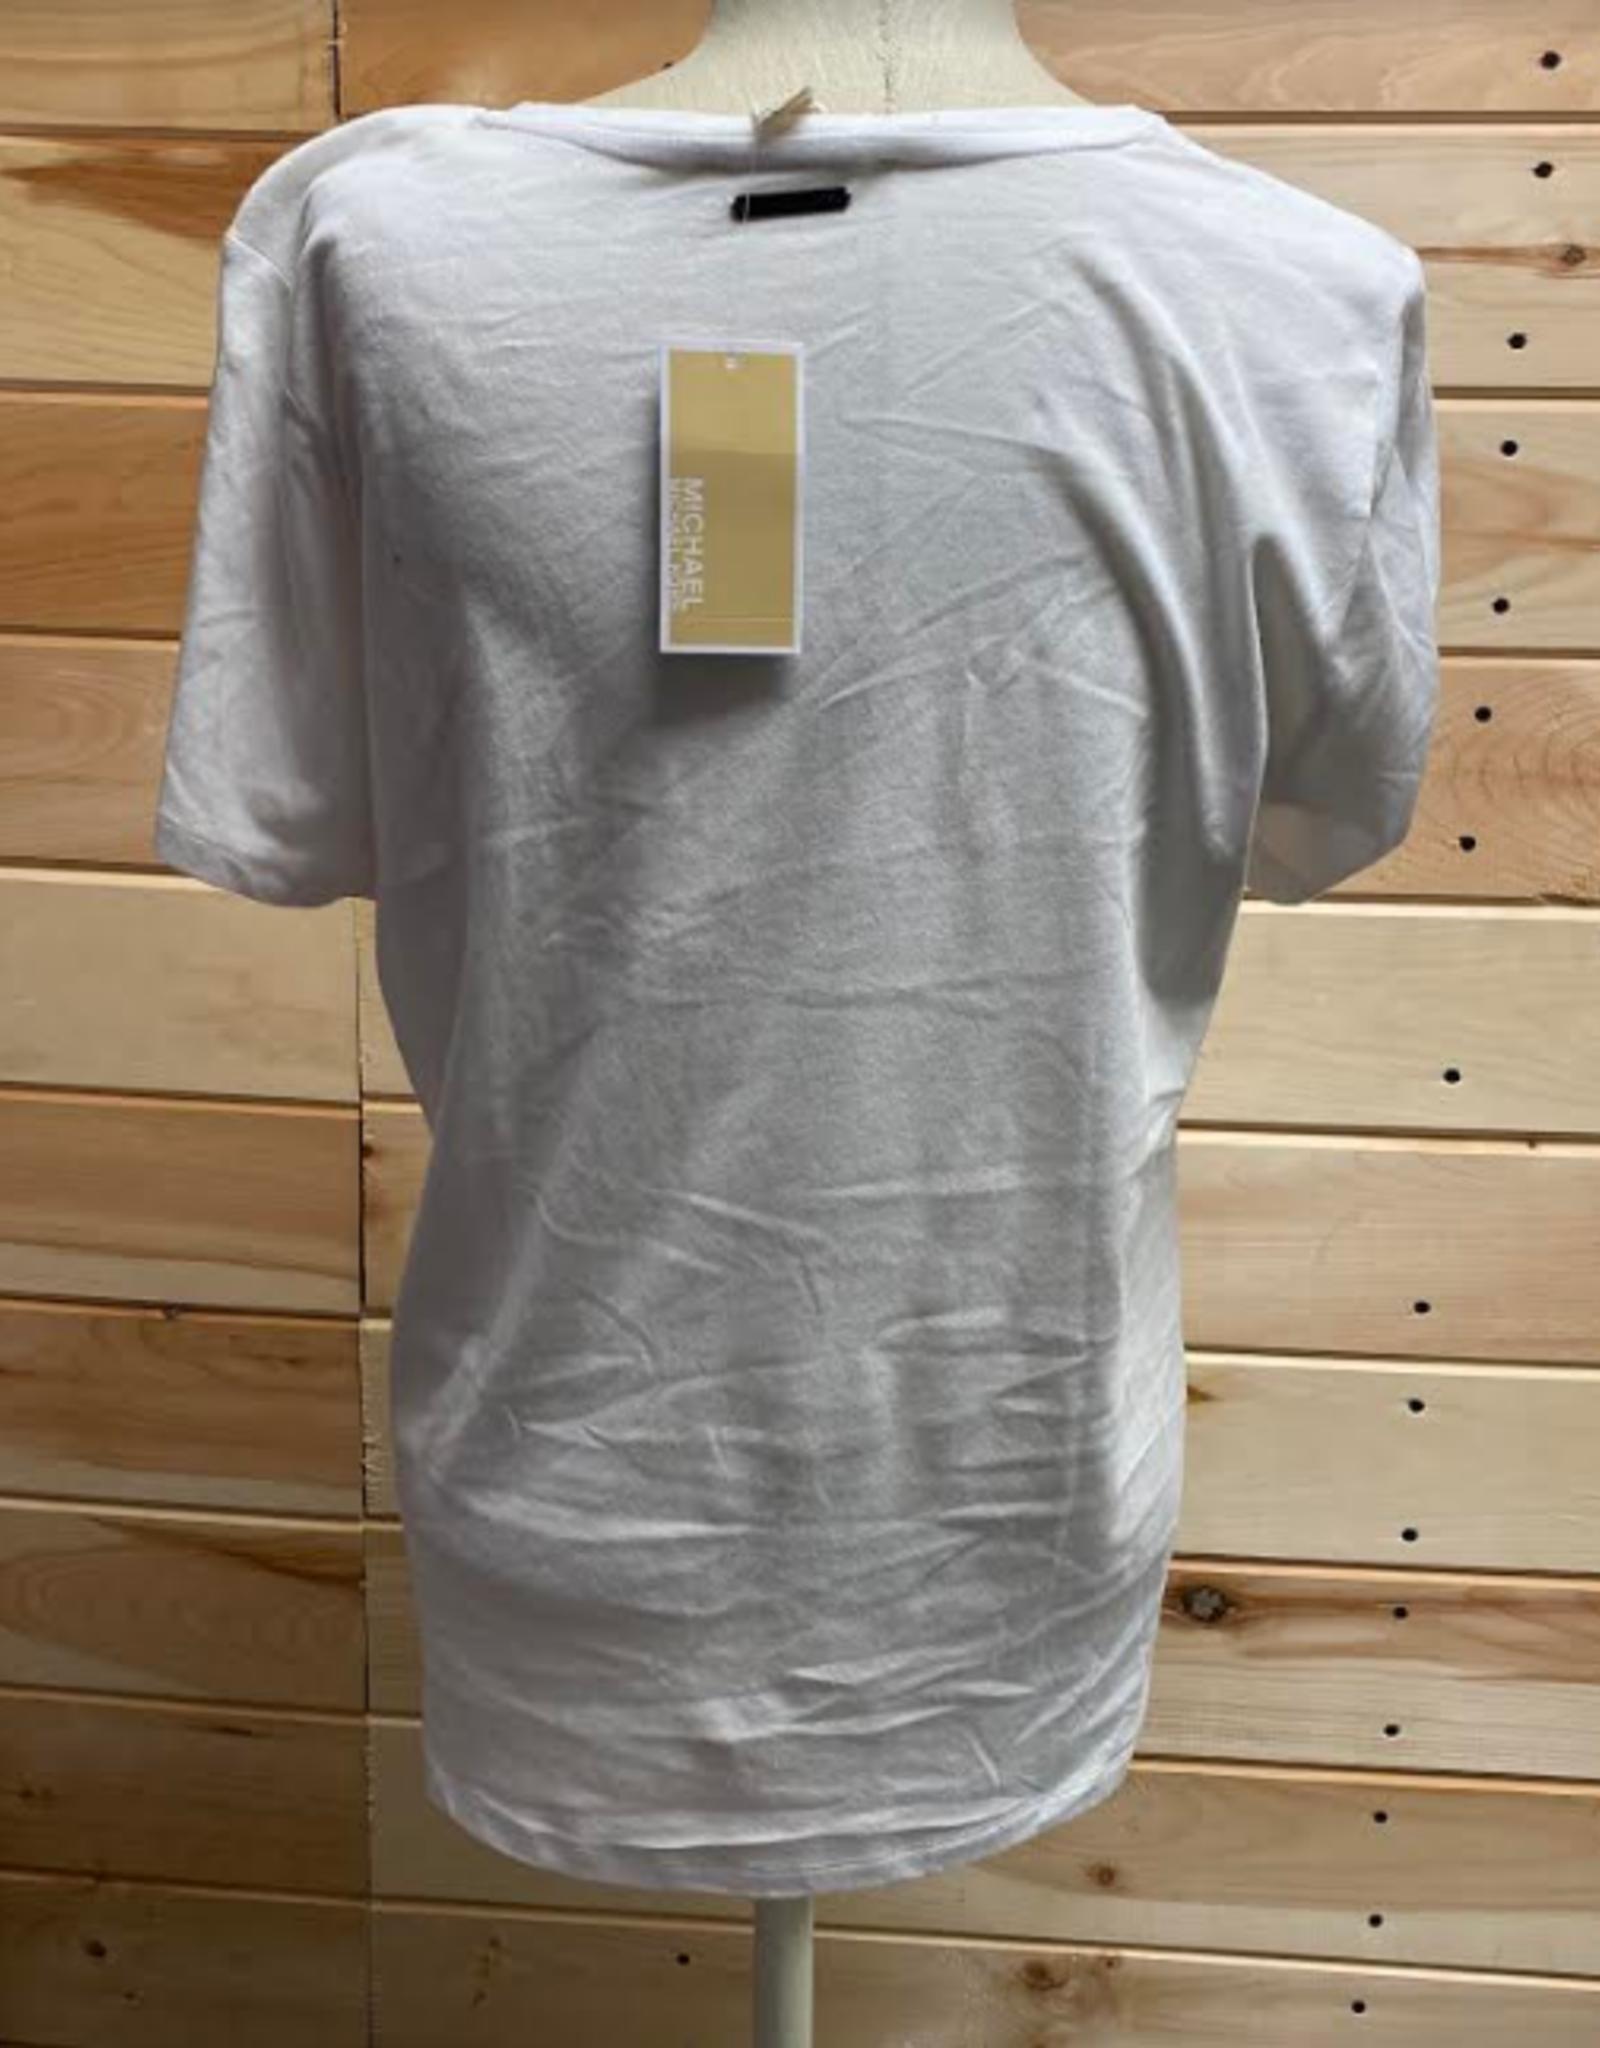 MICHAEL KORS Michael Kors White T-Shirt Size XS#108F